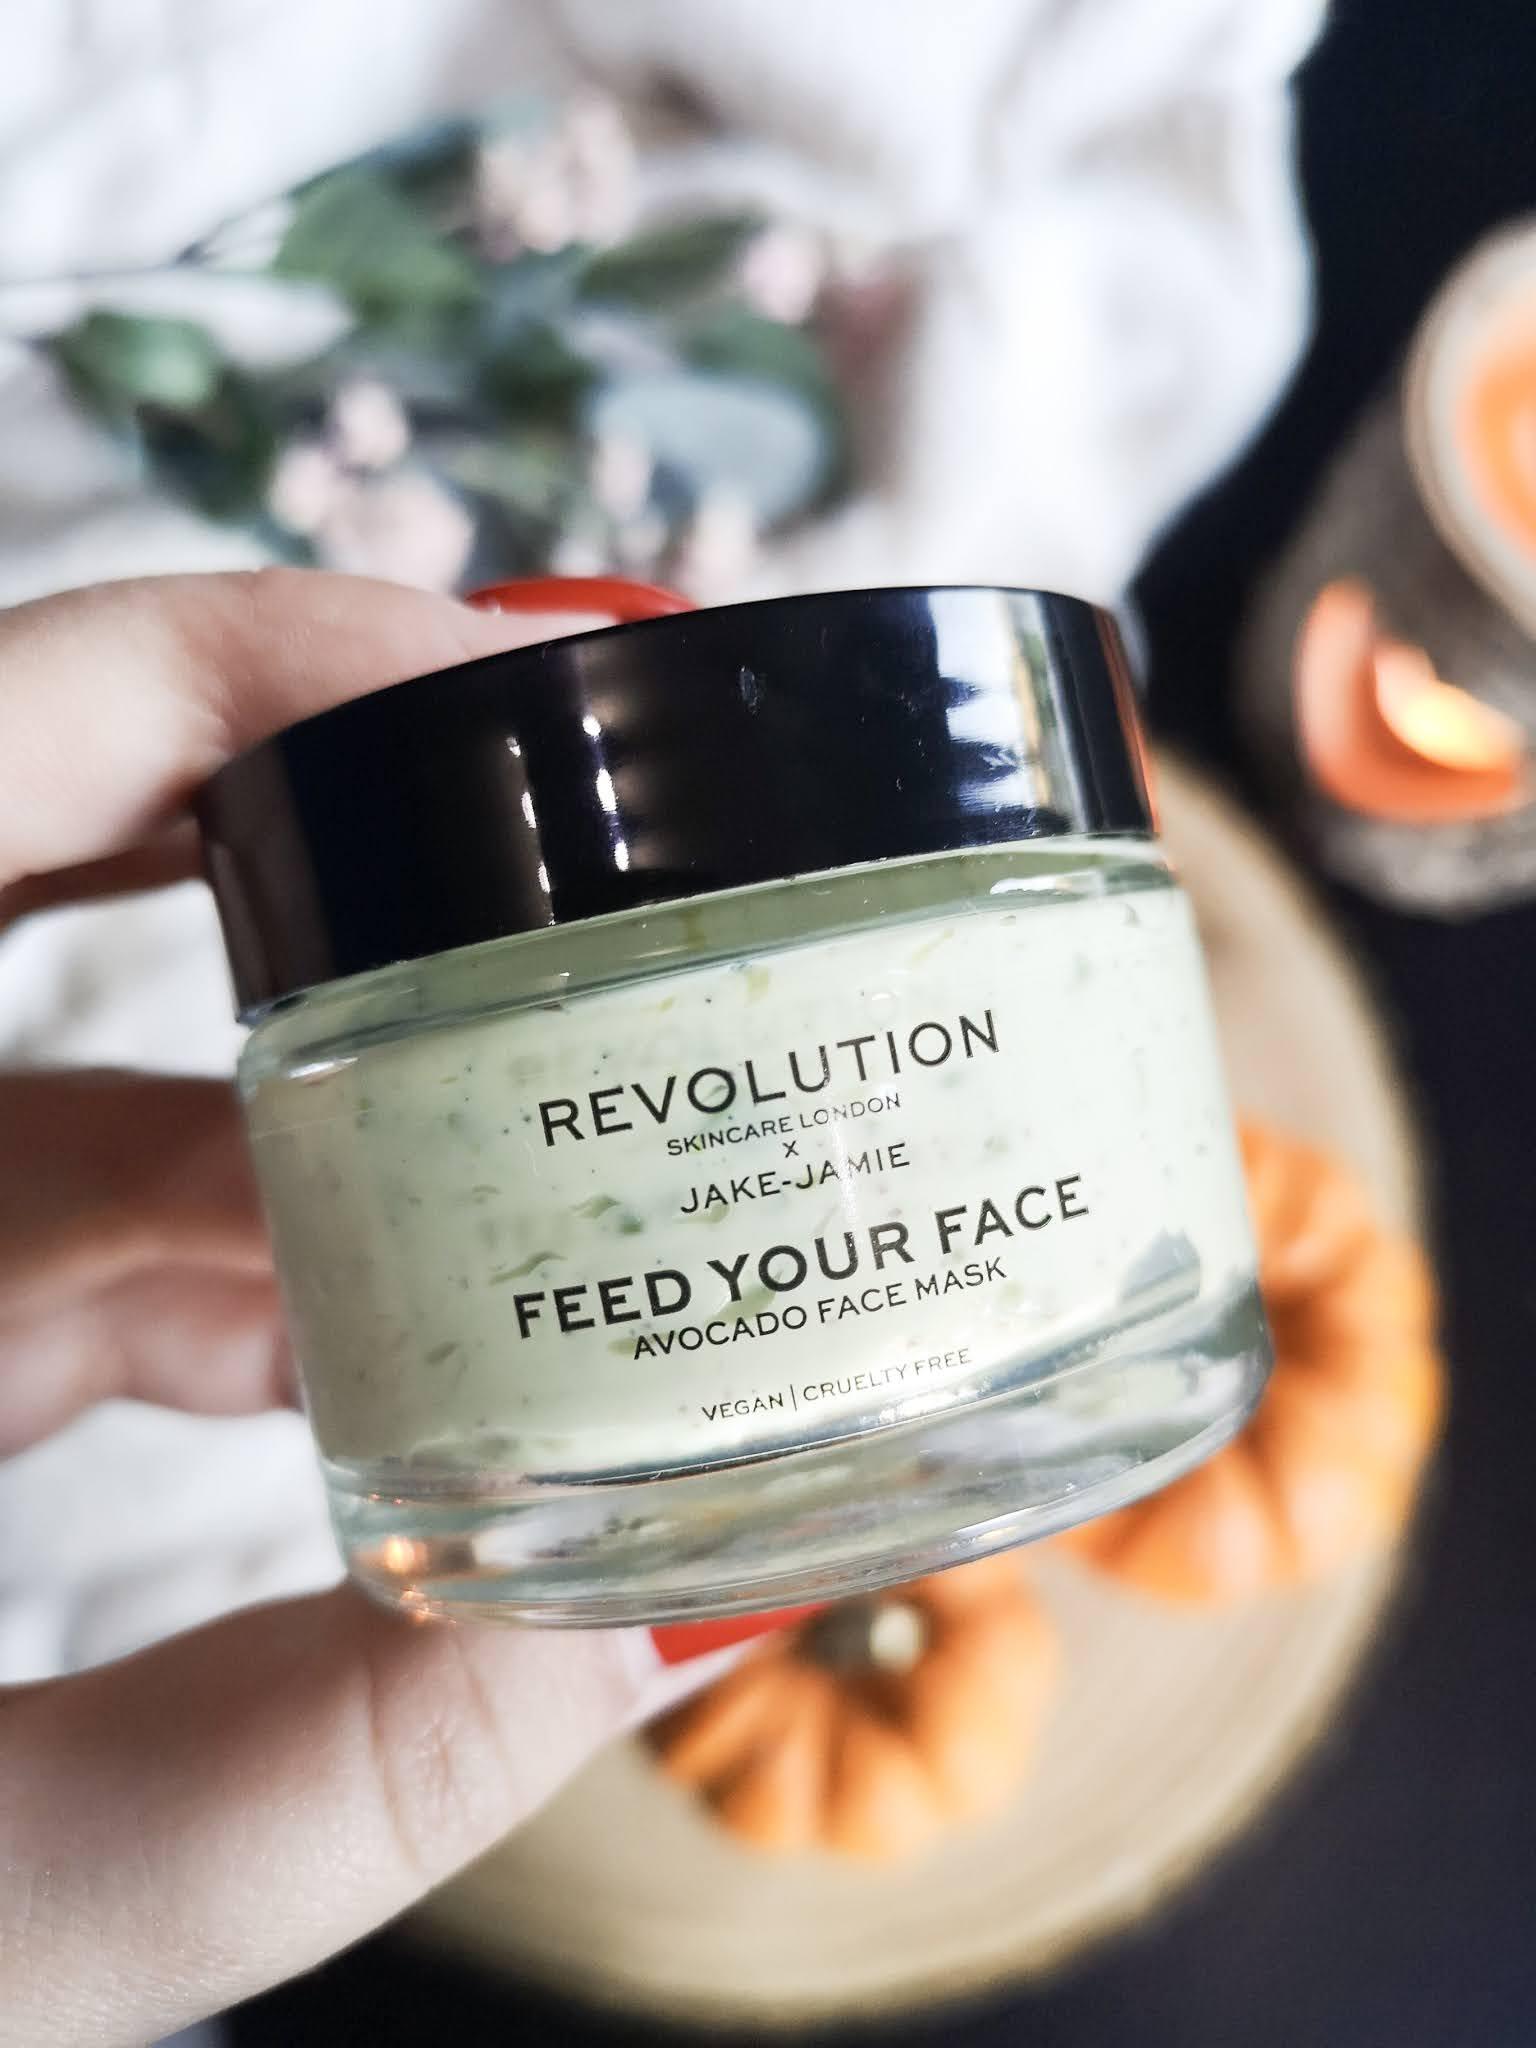 Mascarilla Avocado de Revolution Skincare